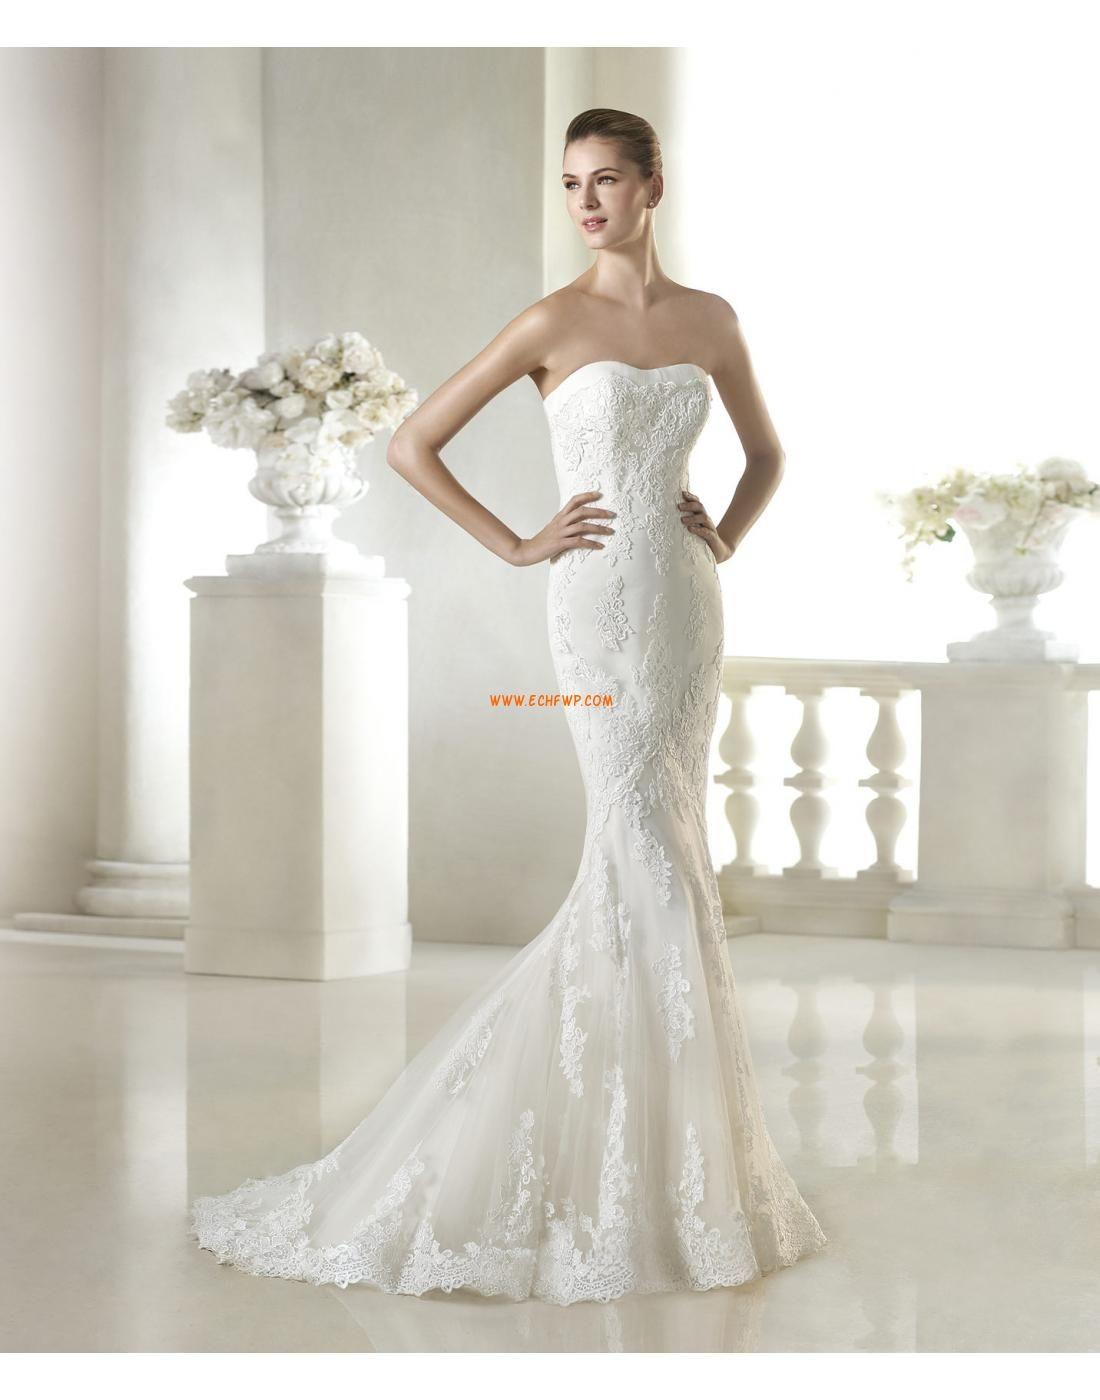 Tyll elegant u luksuriøs naturlig brudekjoler brudekjoler